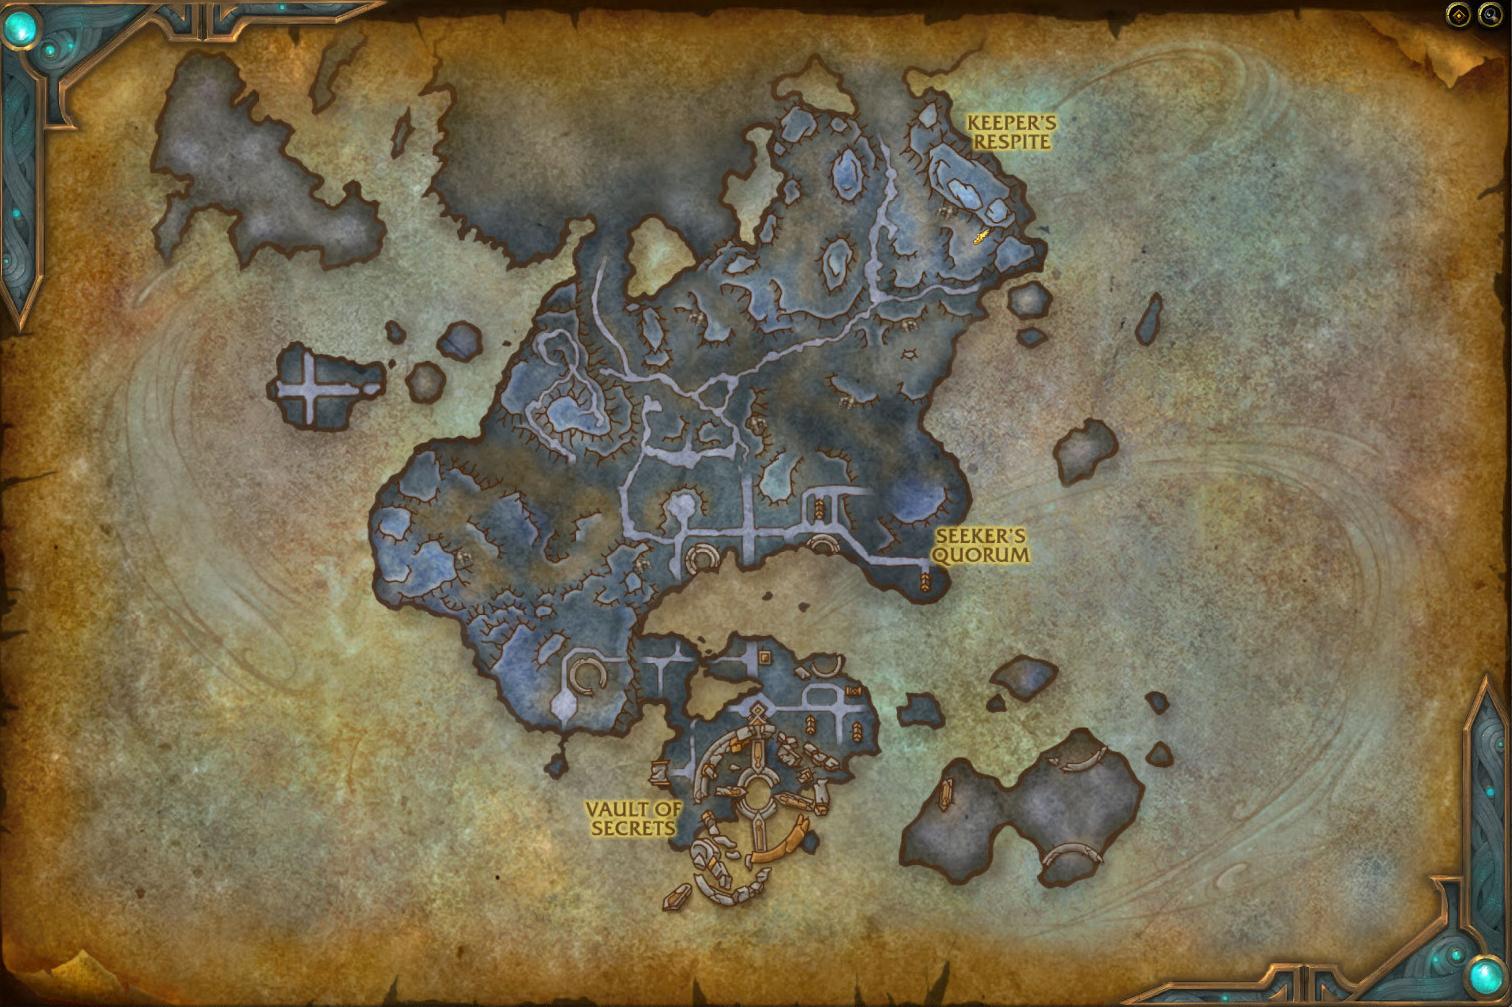 Korthia est située au Sud de L'Antre dans Shadowlands